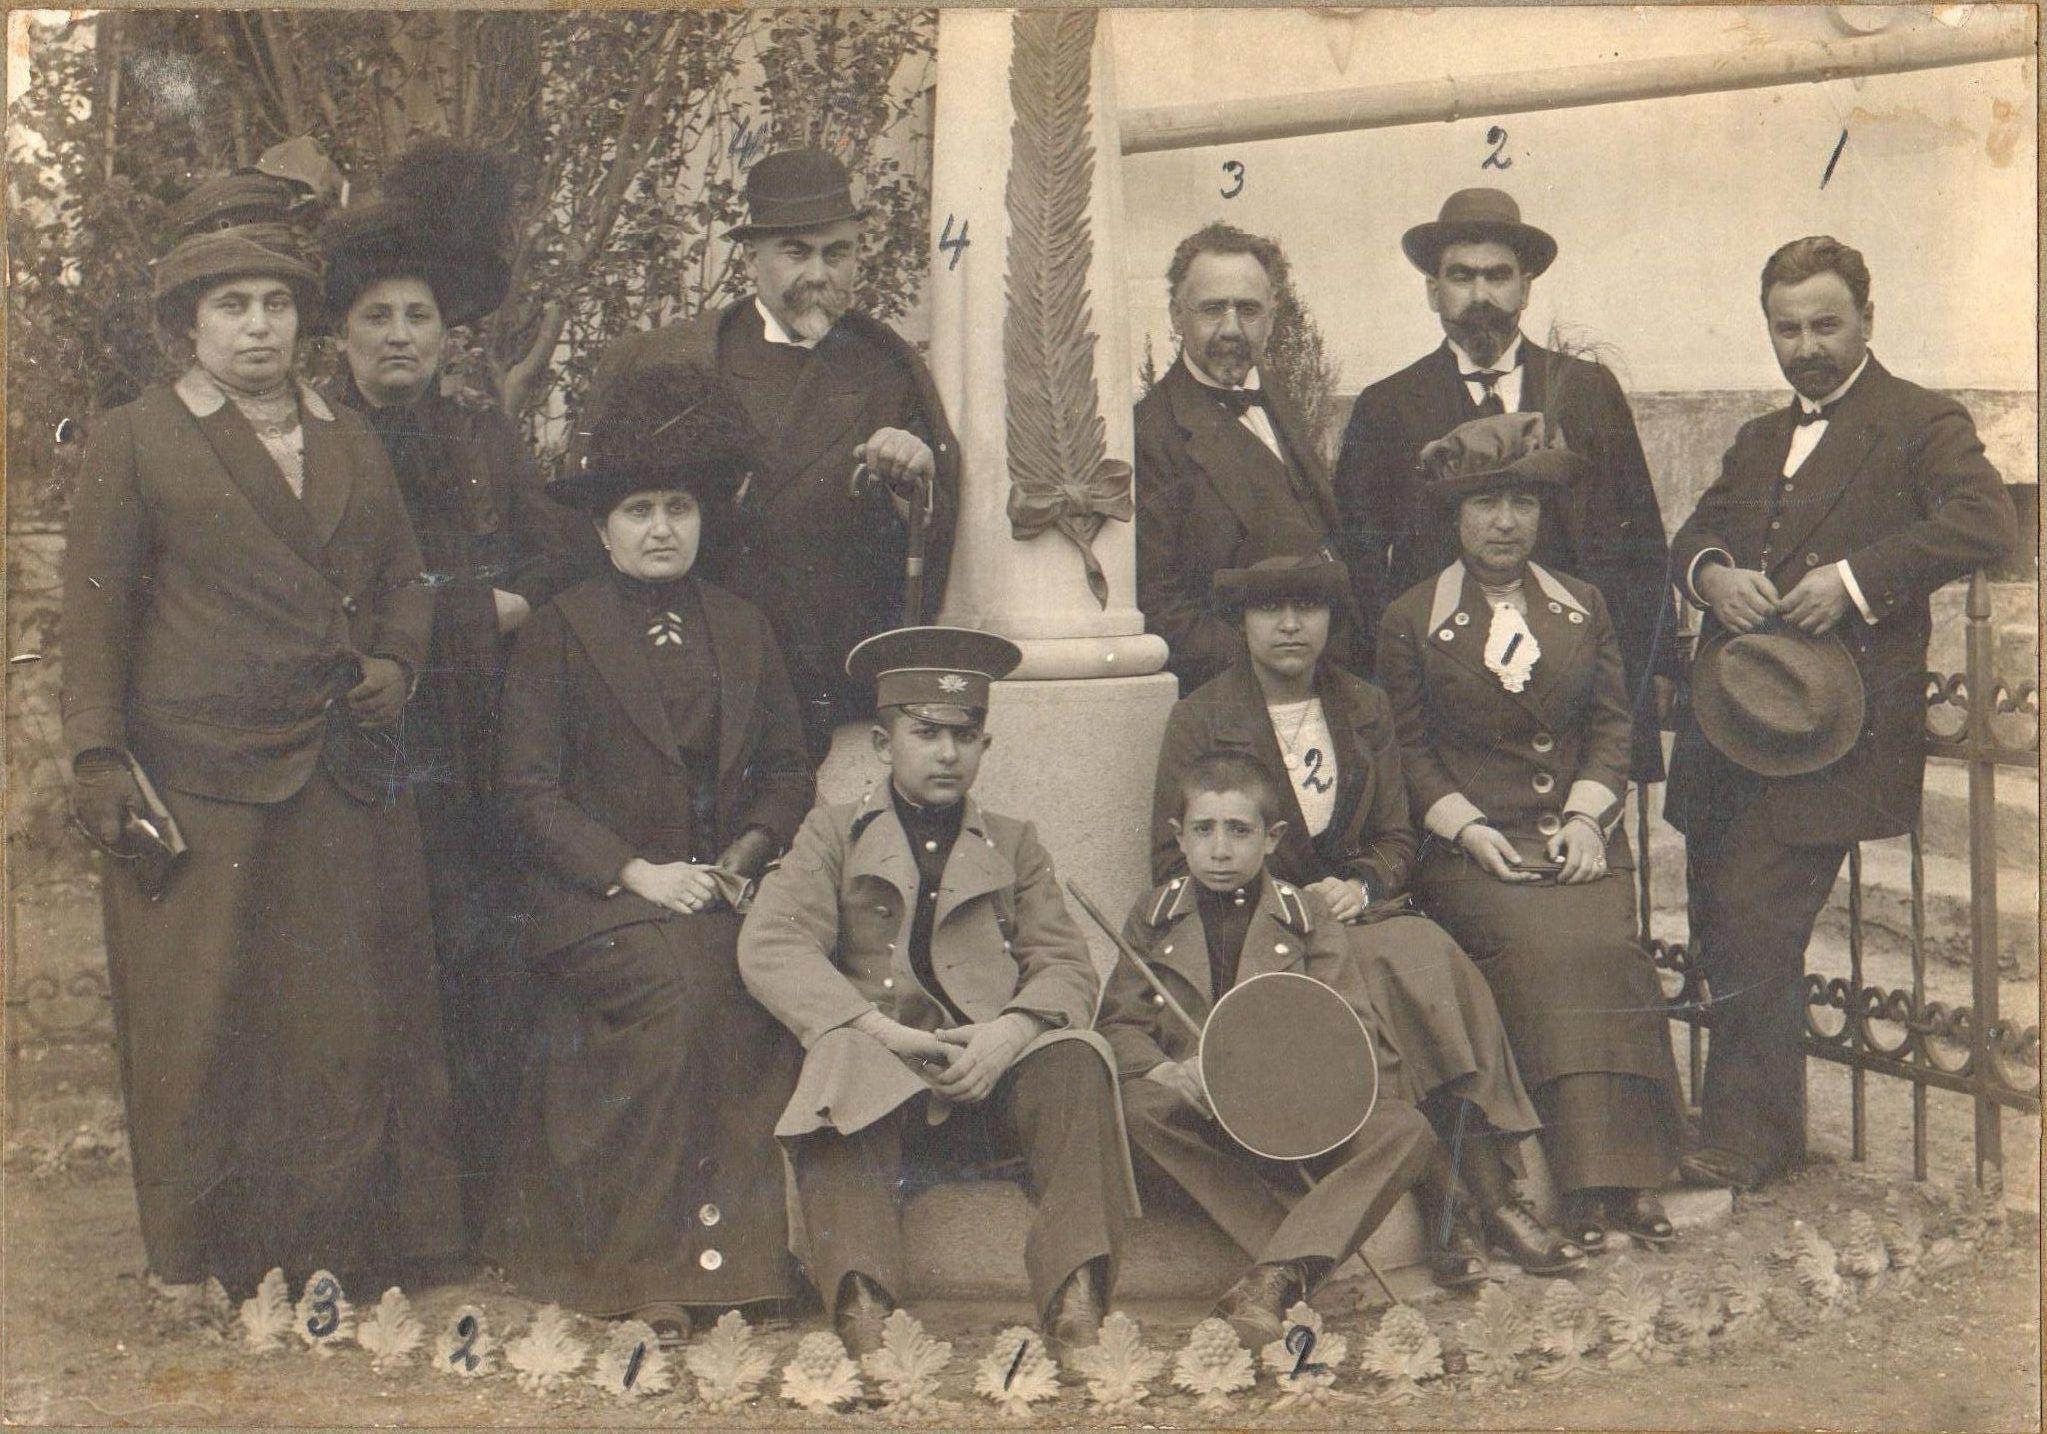 Родственники Налбандяна у памятника писателю М.Л. Налбандяну в монастыре Сурб Хач